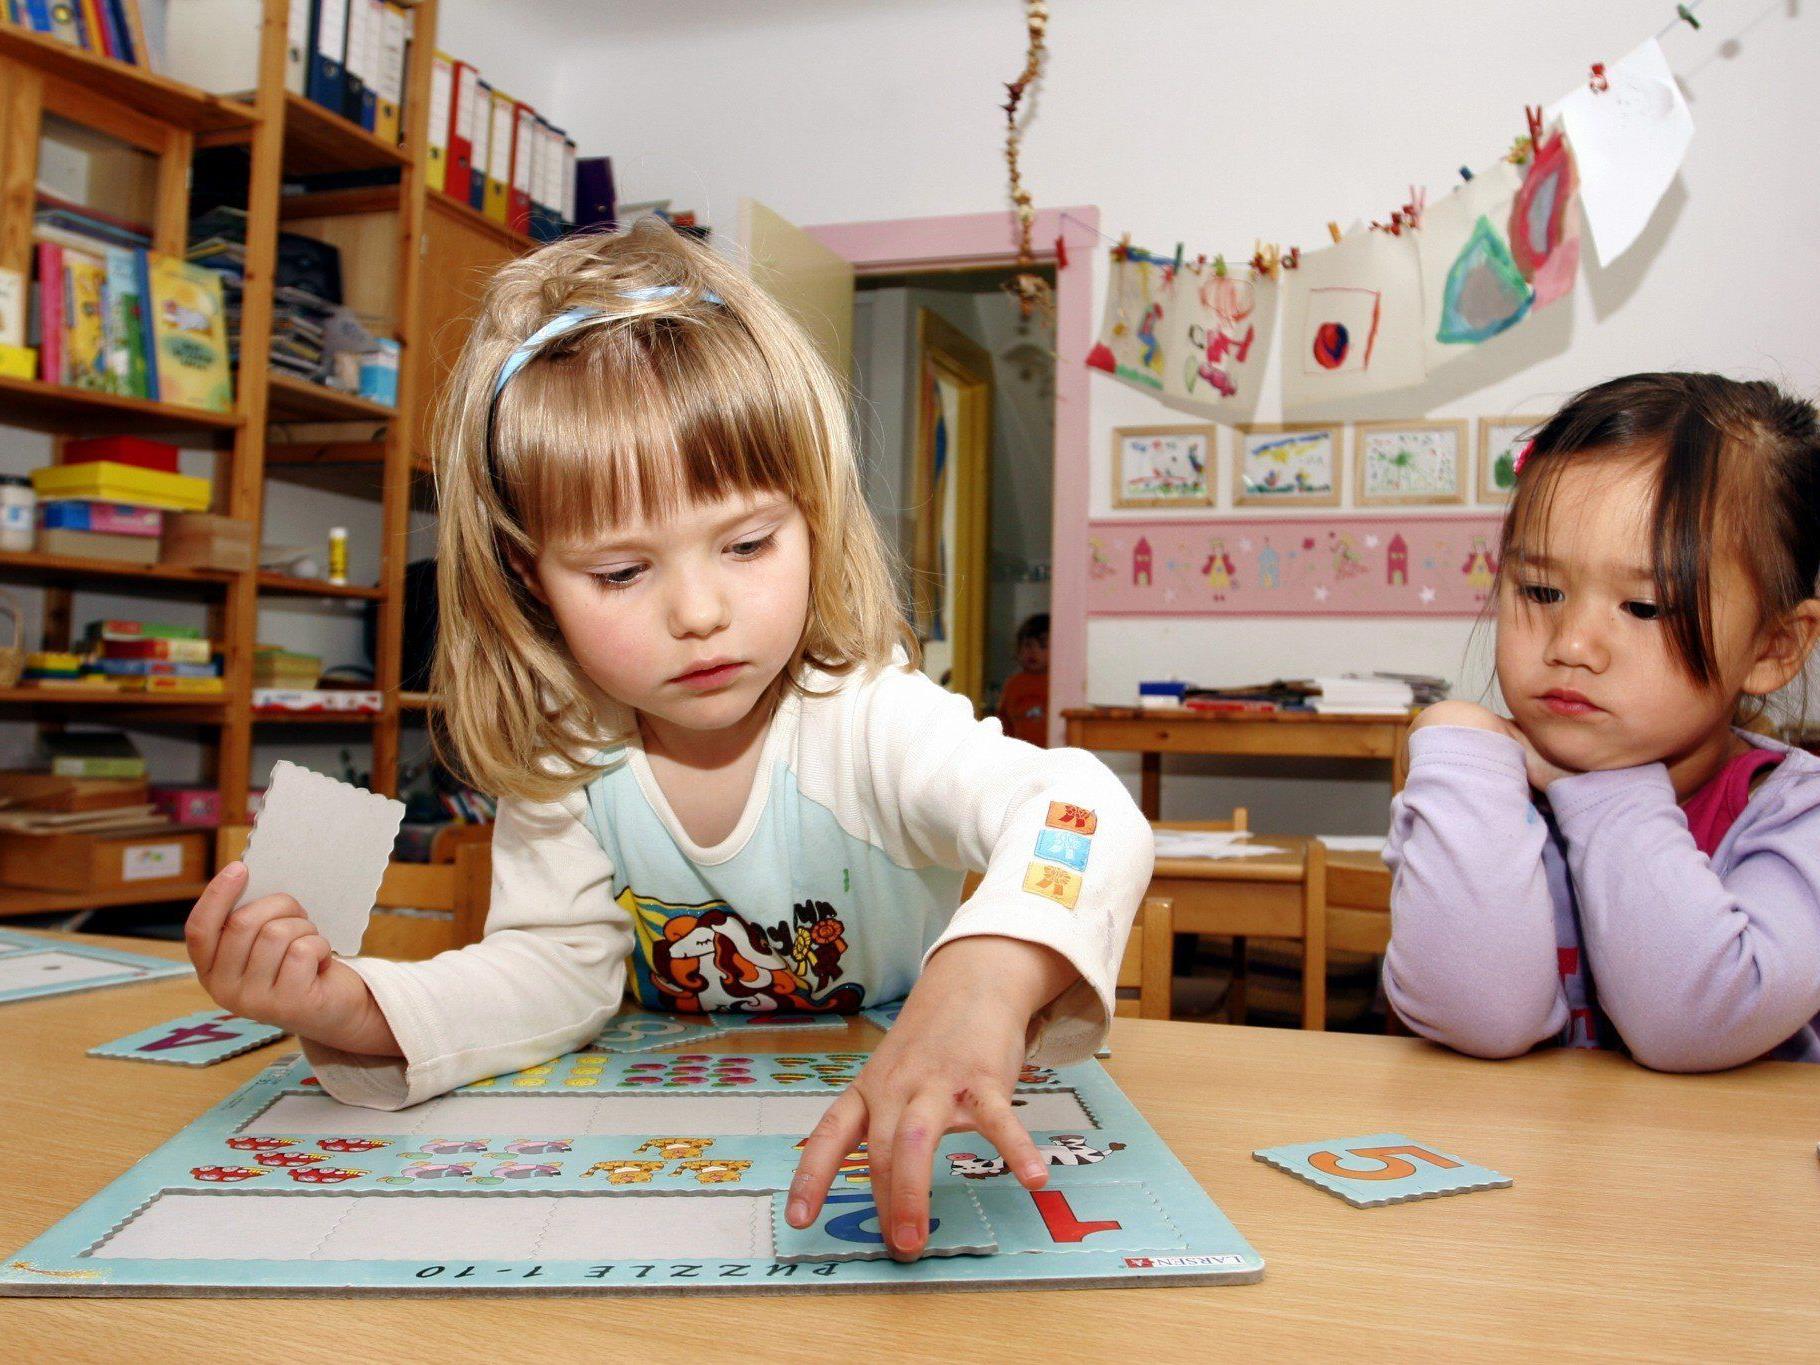 Kinderbetreuung: Im Sommer oft ein Problem